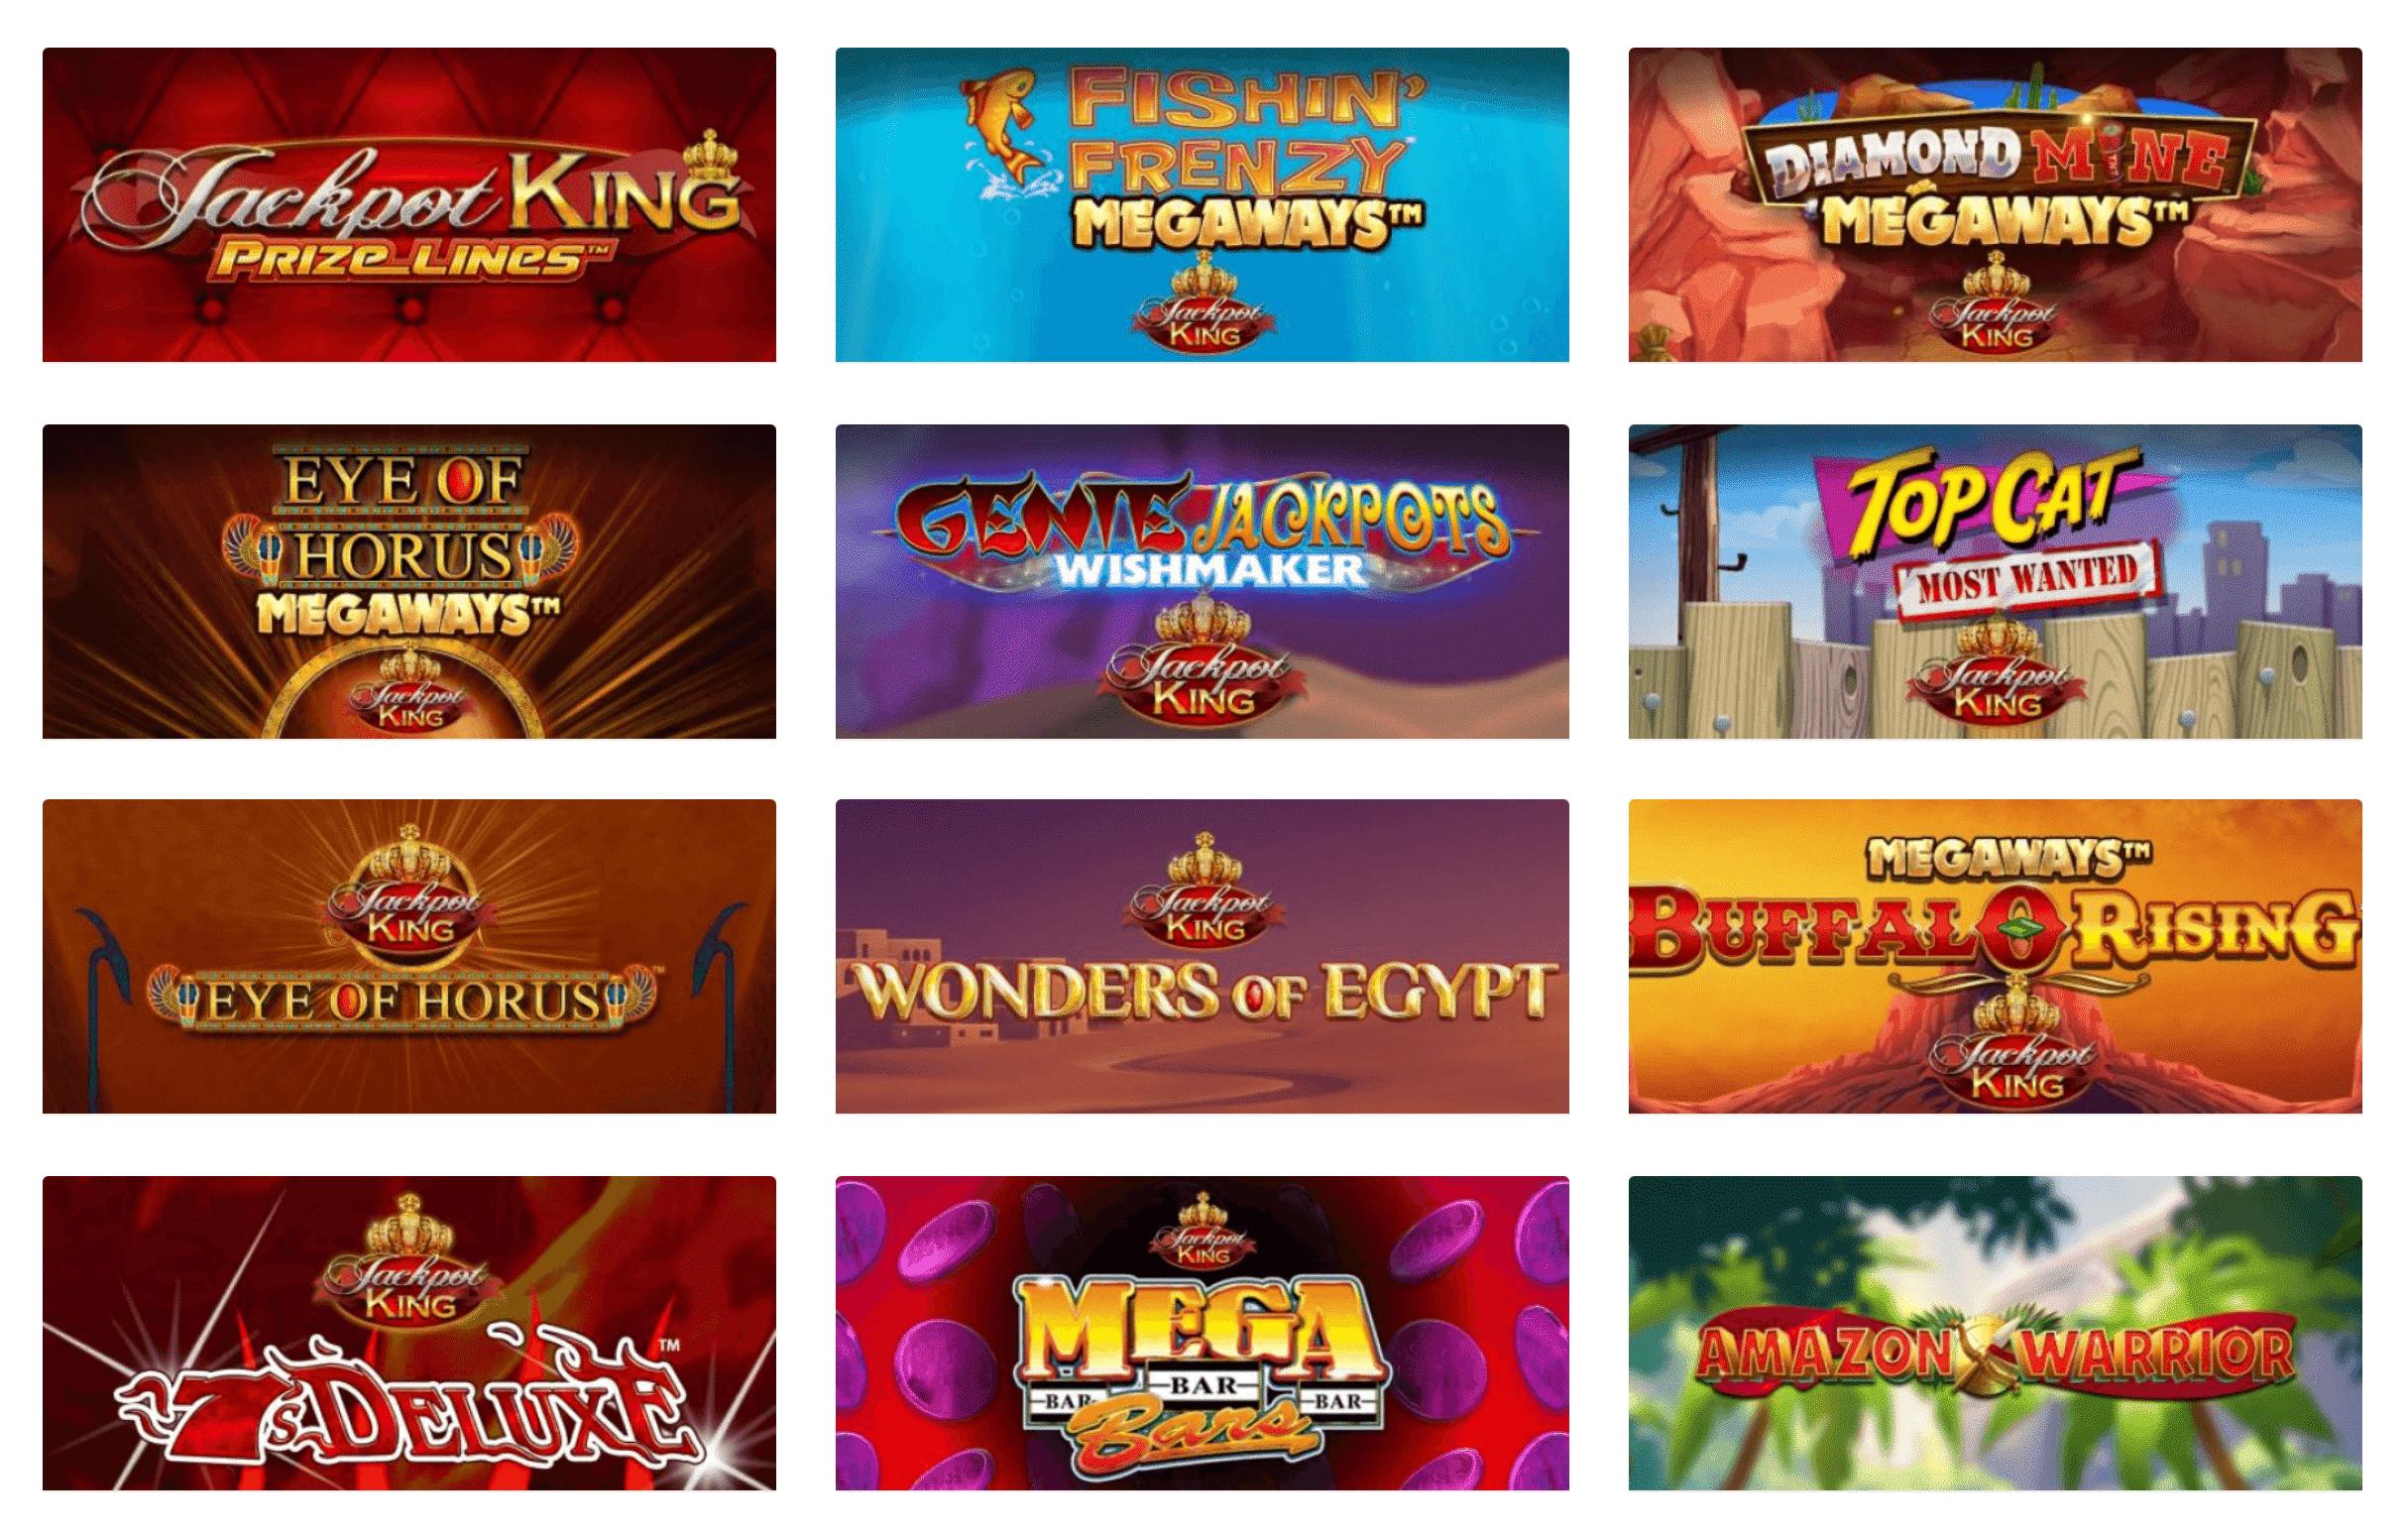 Jackpot King Selection